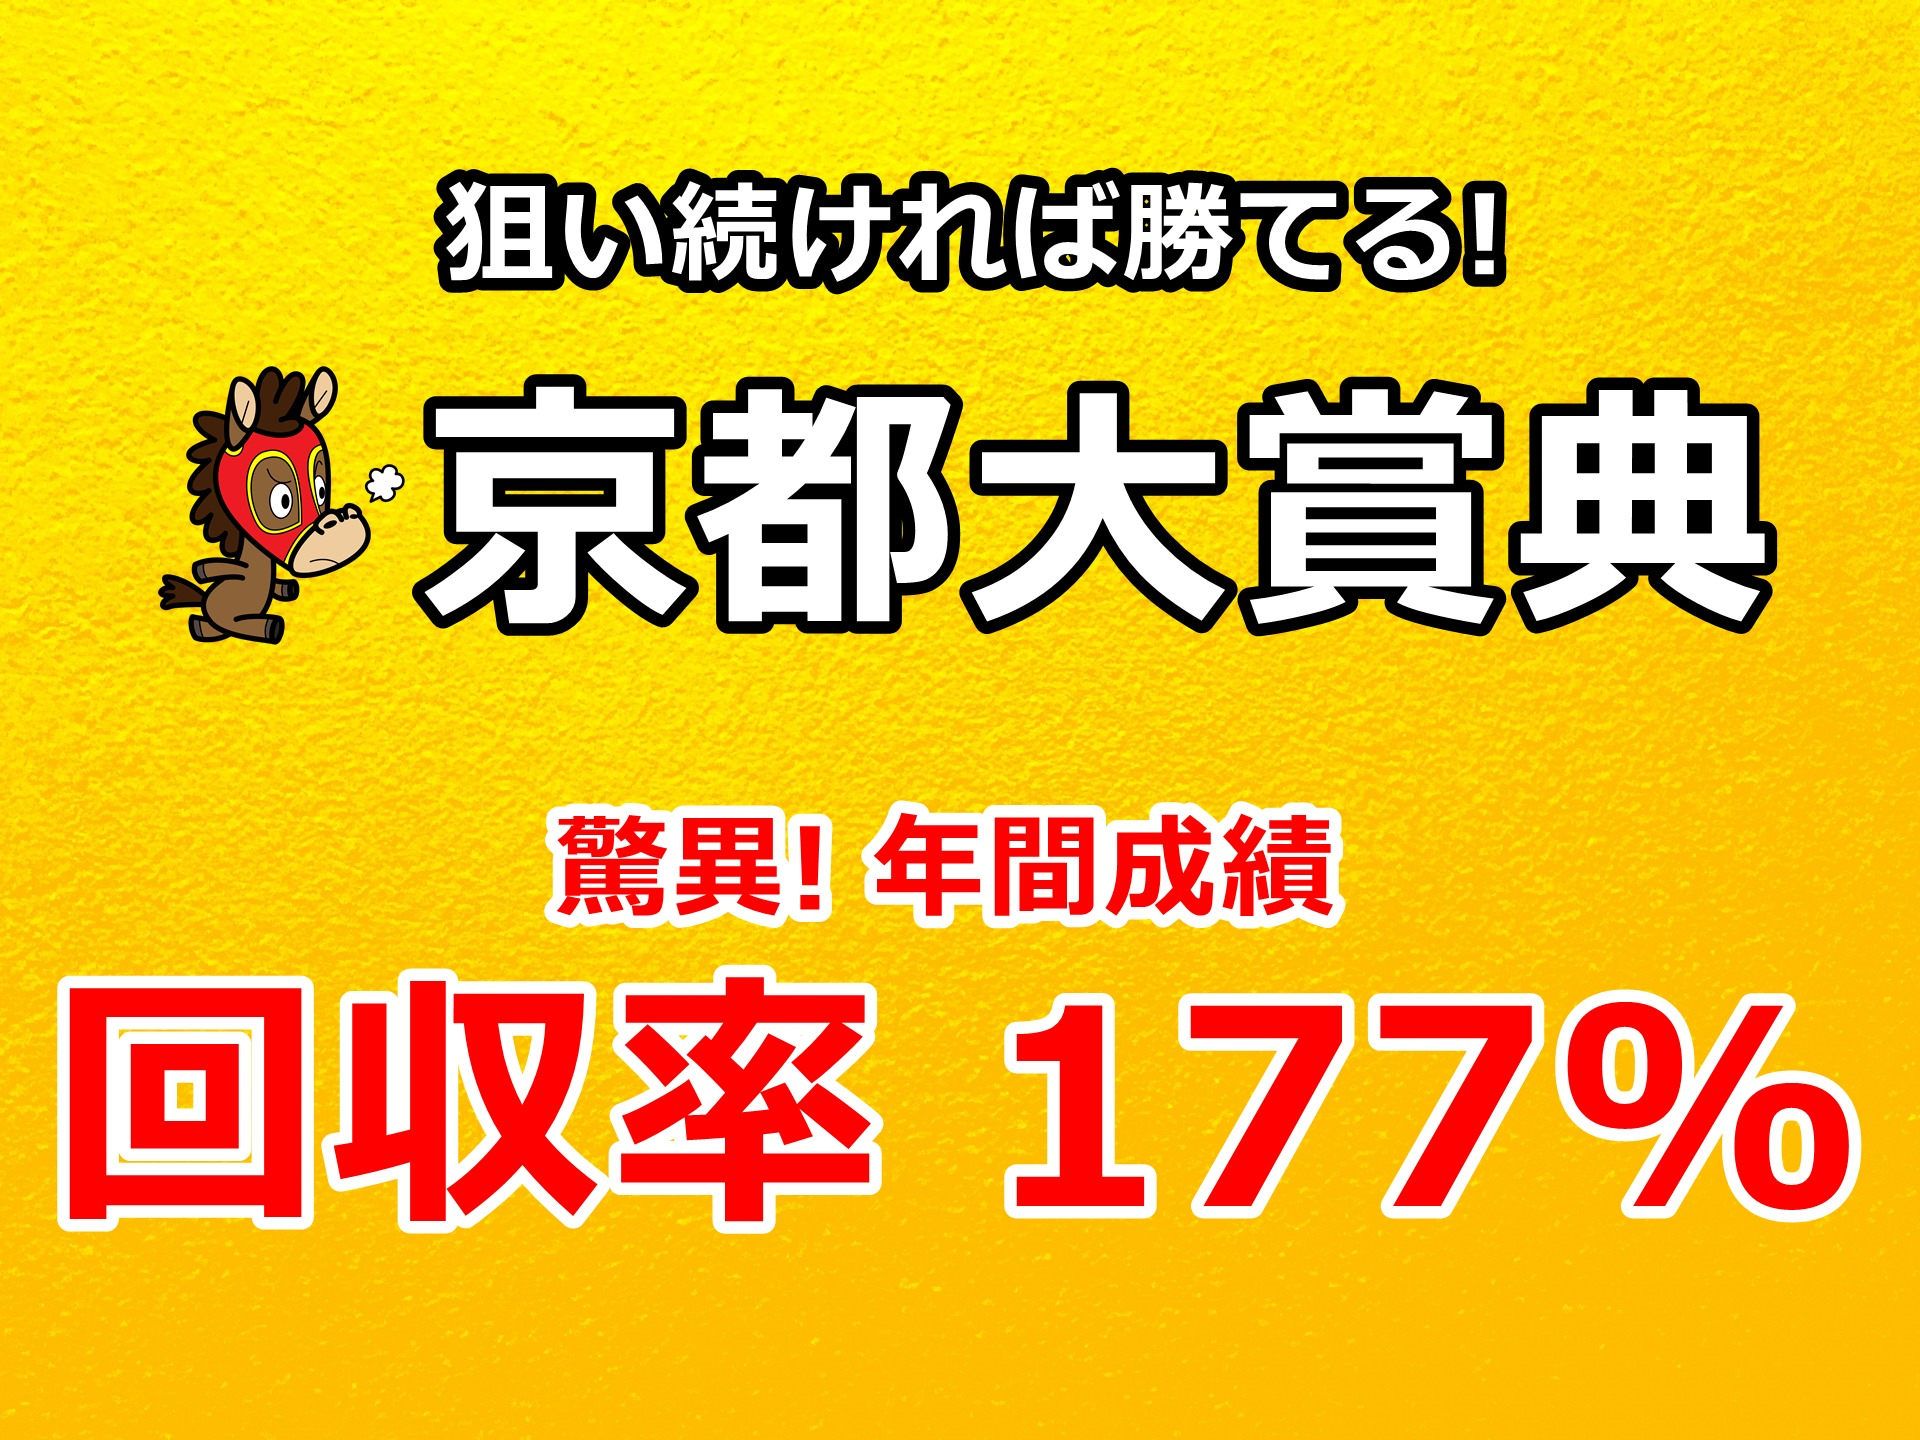 京都大賞典2020 予想 【驚異! 年間回収率 177%】